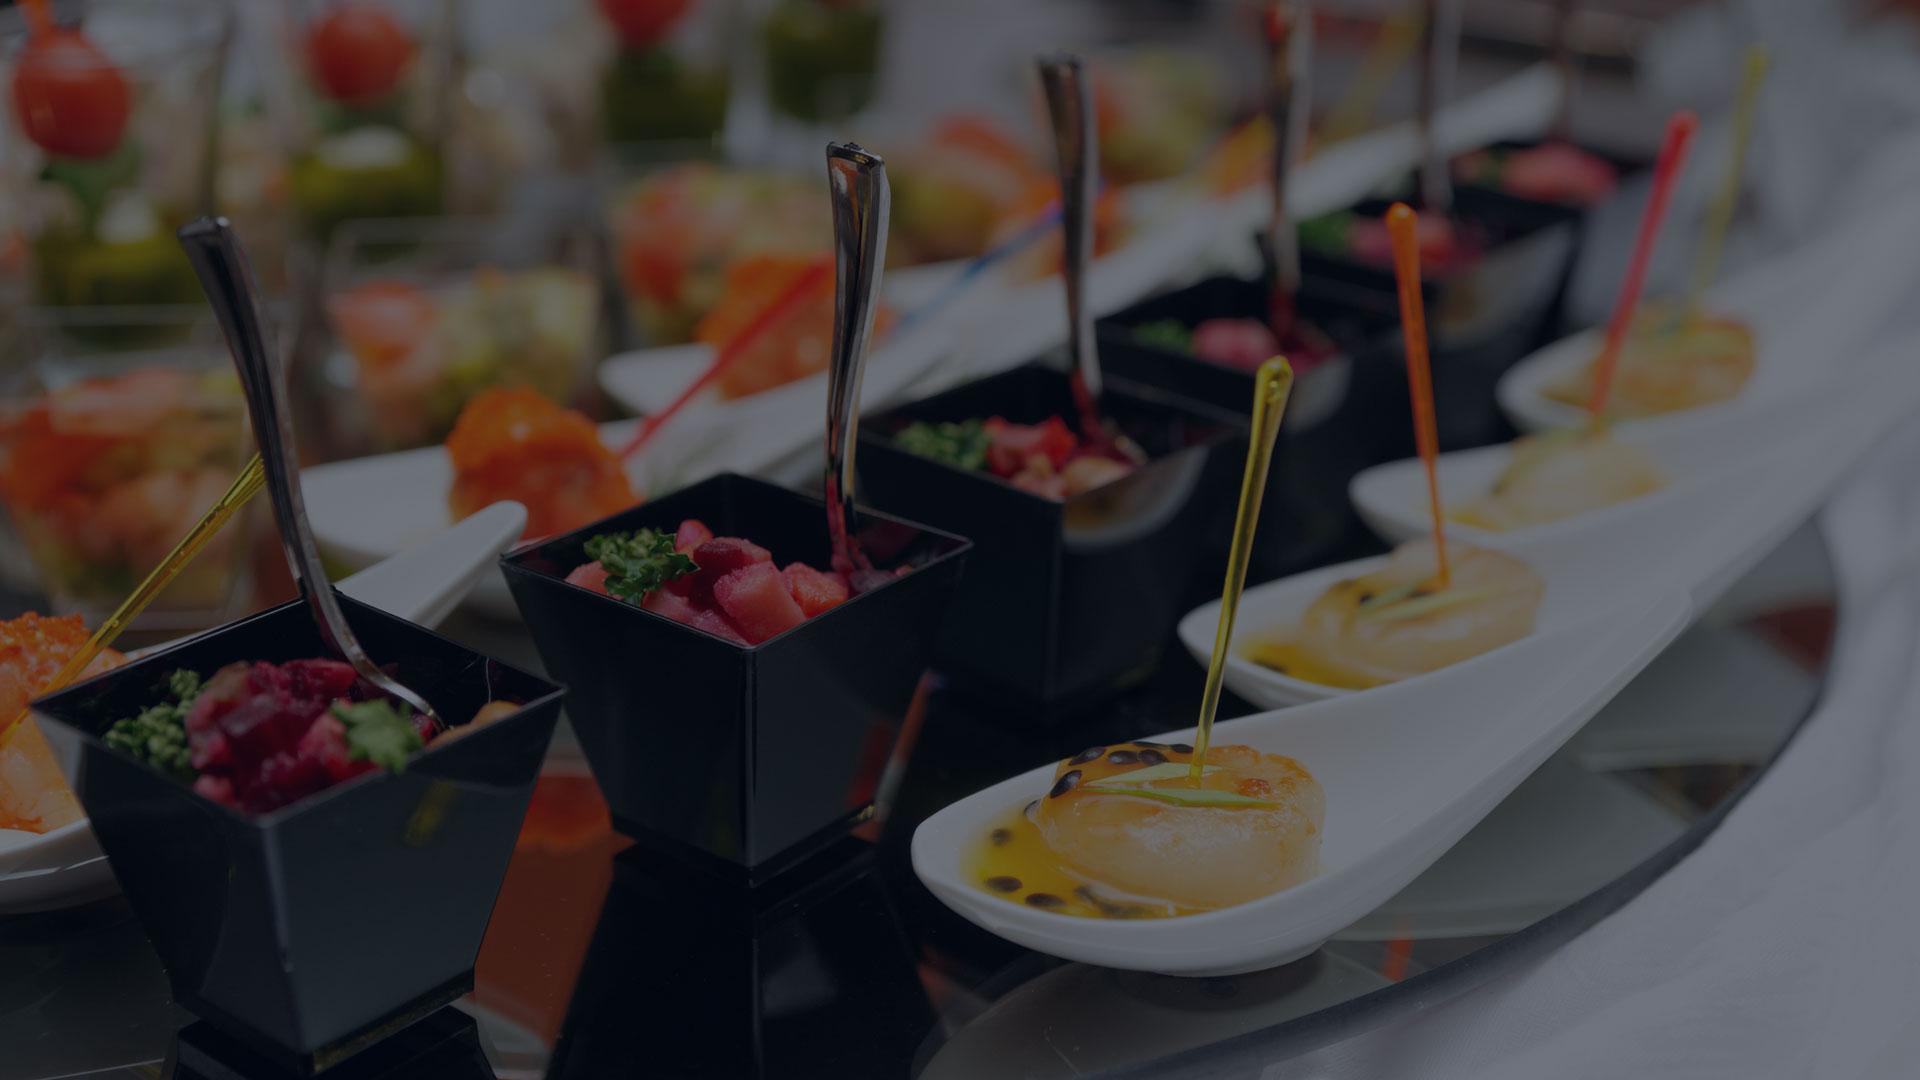 Υπεύθυνος Μονάδας Συστηματοποιημένου Επισιτισμού (catering)